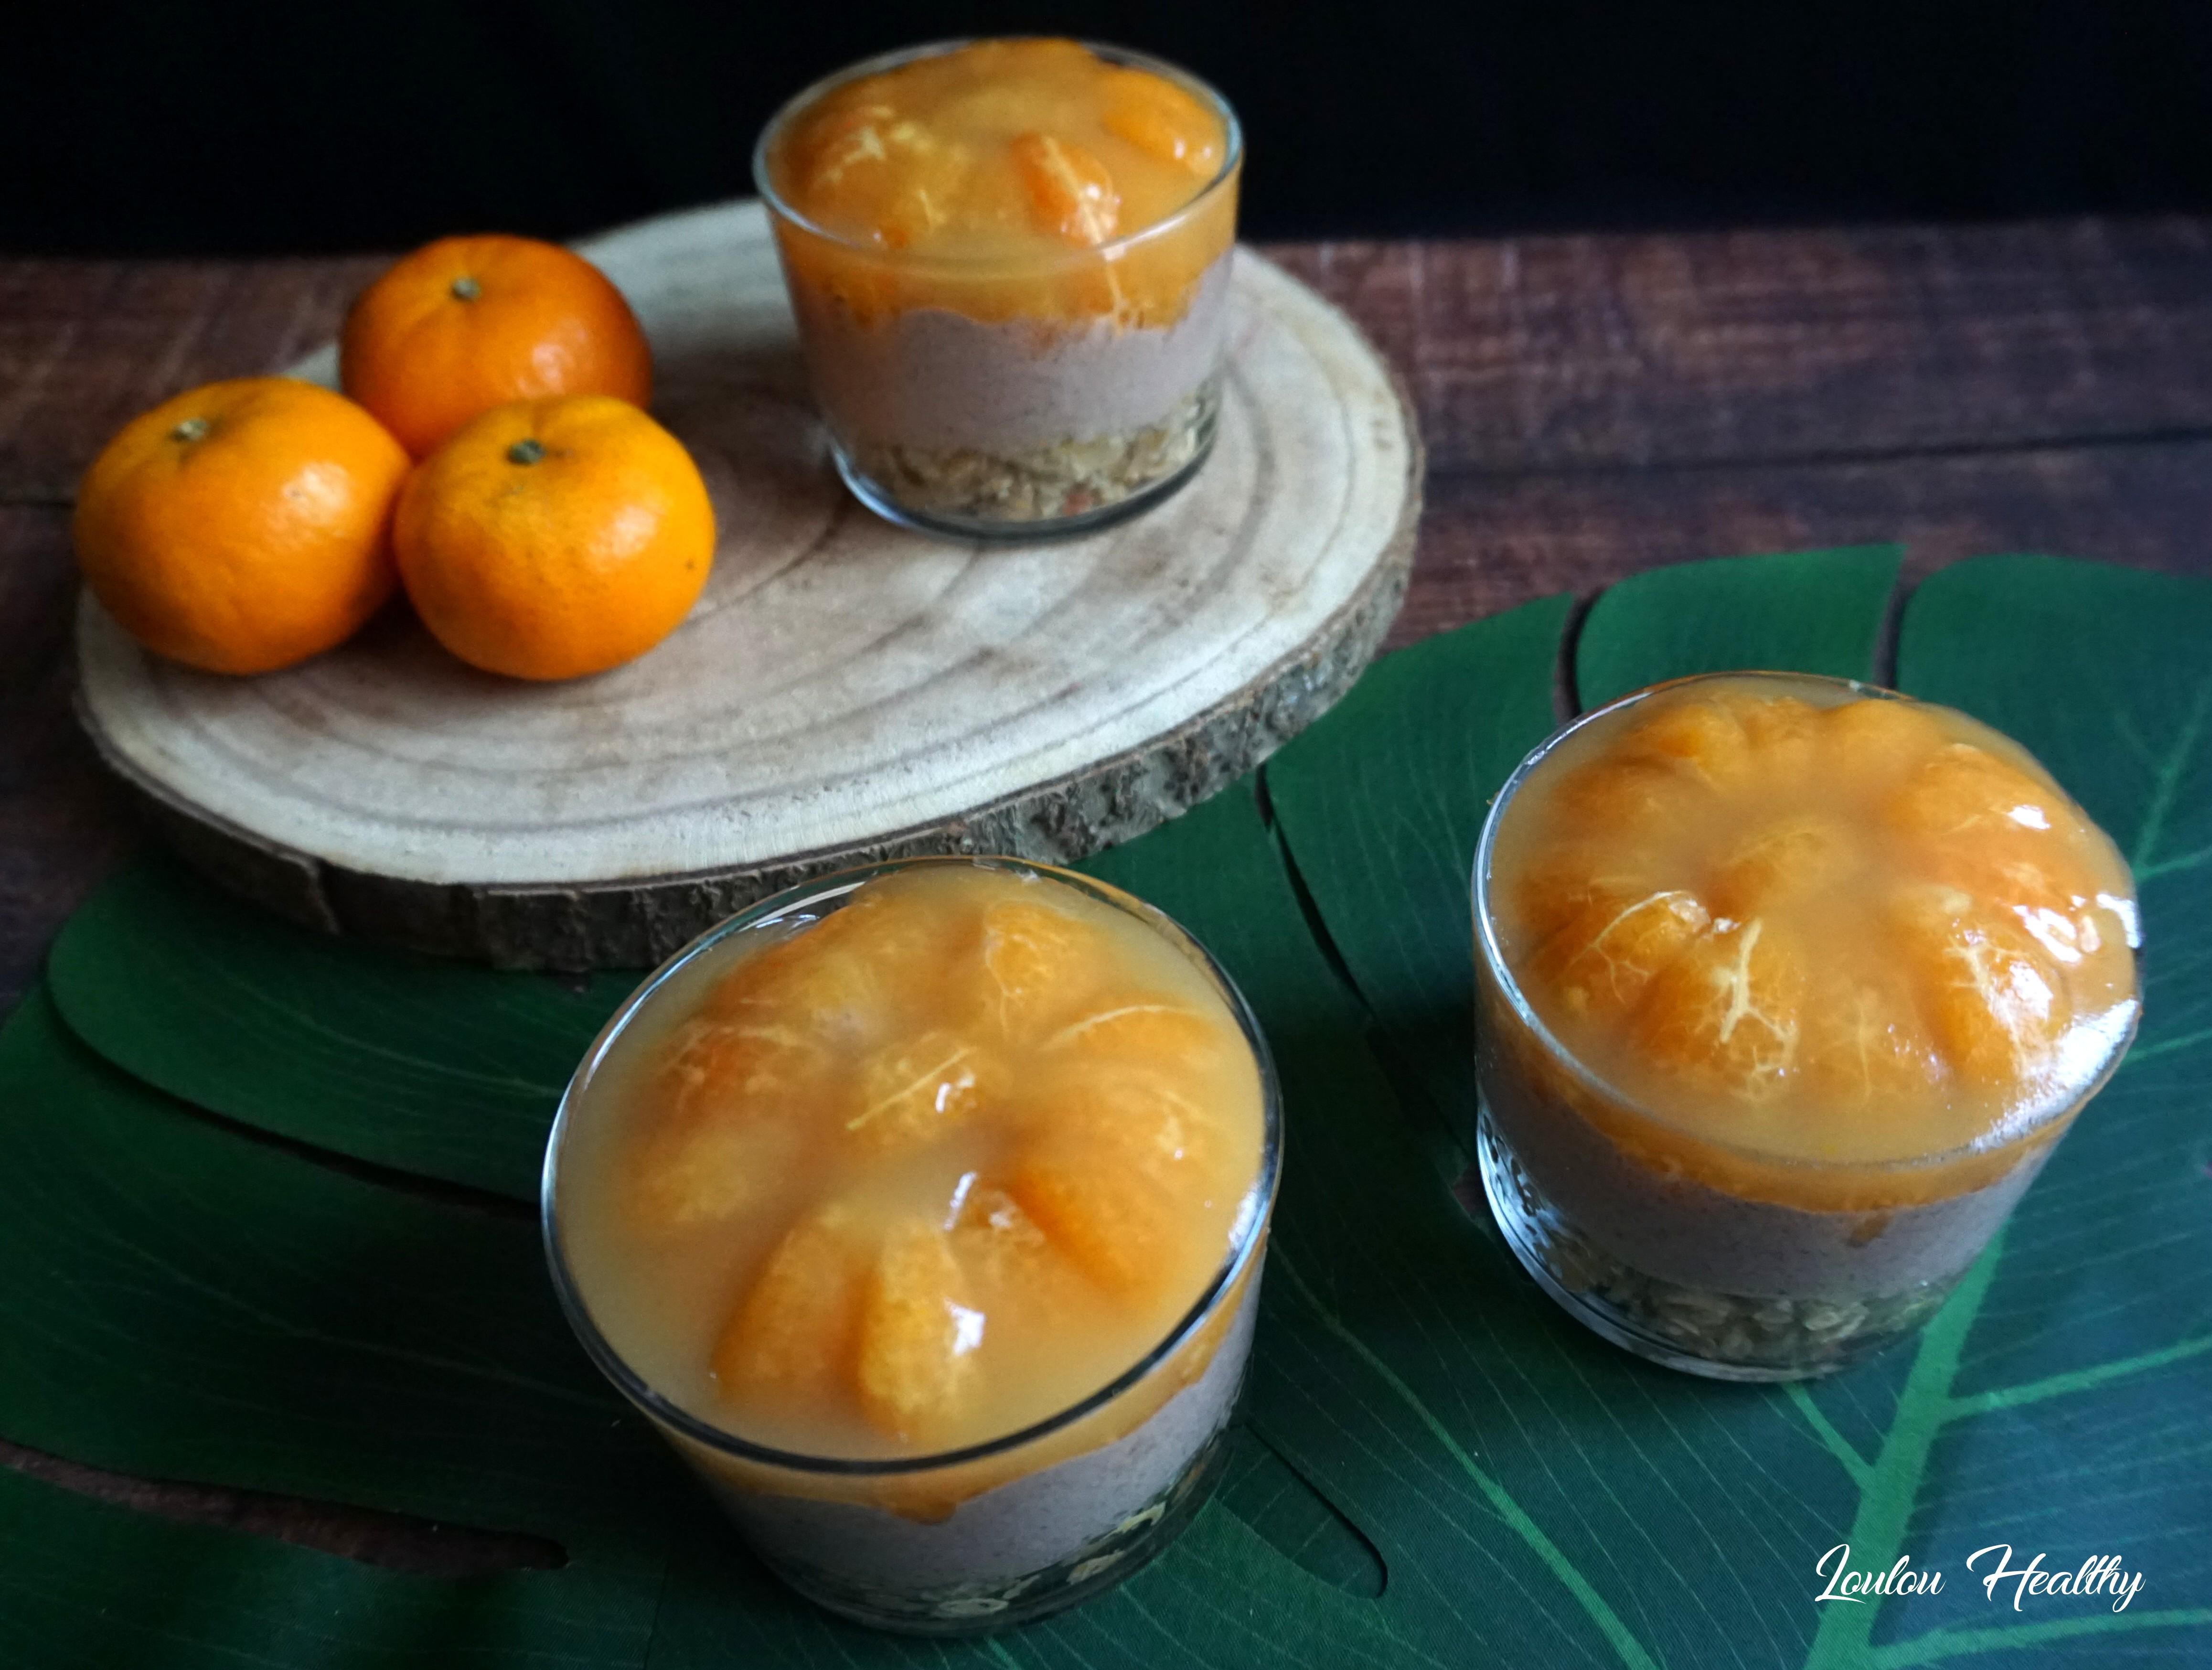 cheesecake chocolat, mandarine en verrines2